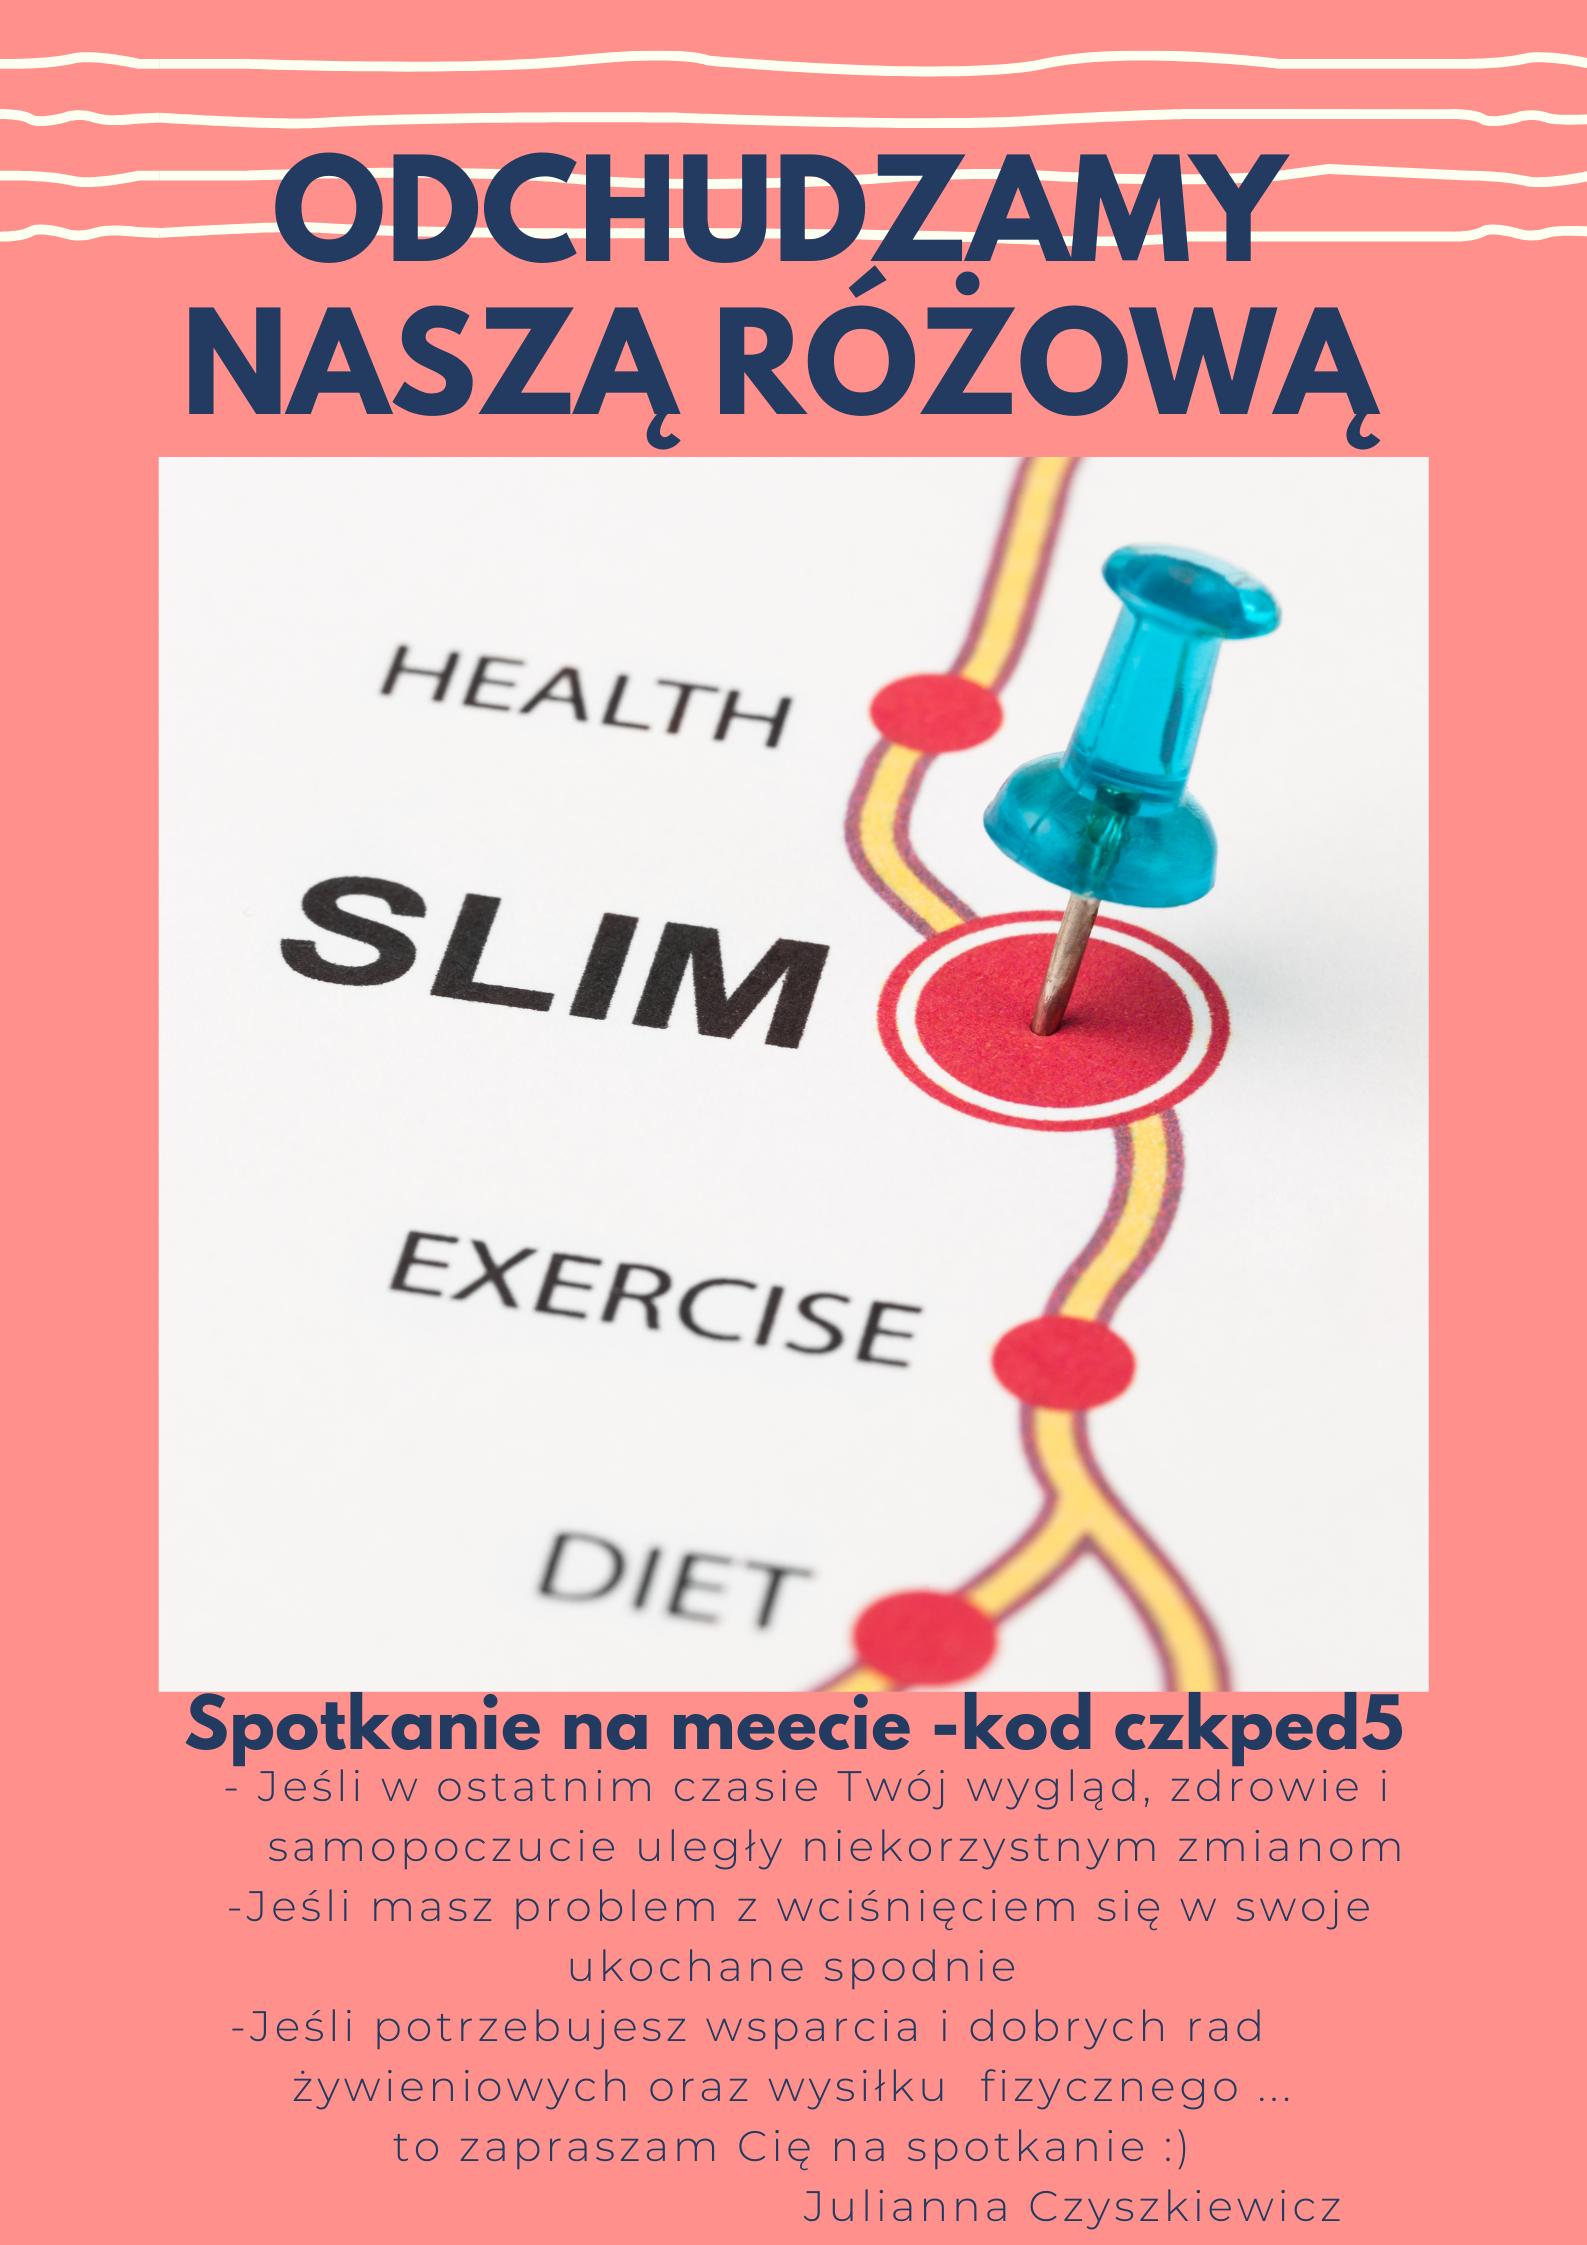 Spotkanie na meecie – kod czkped5 - Jeżeli w ostatnim czasie Twój wygląd, zdrowie i samopoczucie uległy niekorzystnym zmianom - Jeżeli masz problem z wciśnięciem się w swoje ukochane spodnie - Jeśli potrzebujesz wsparcia i dobrych rad żywieniowych oraz wysiłku fizycznego … To zapraszam Cię na spotkanie :) Julianna Czyszkiewicz